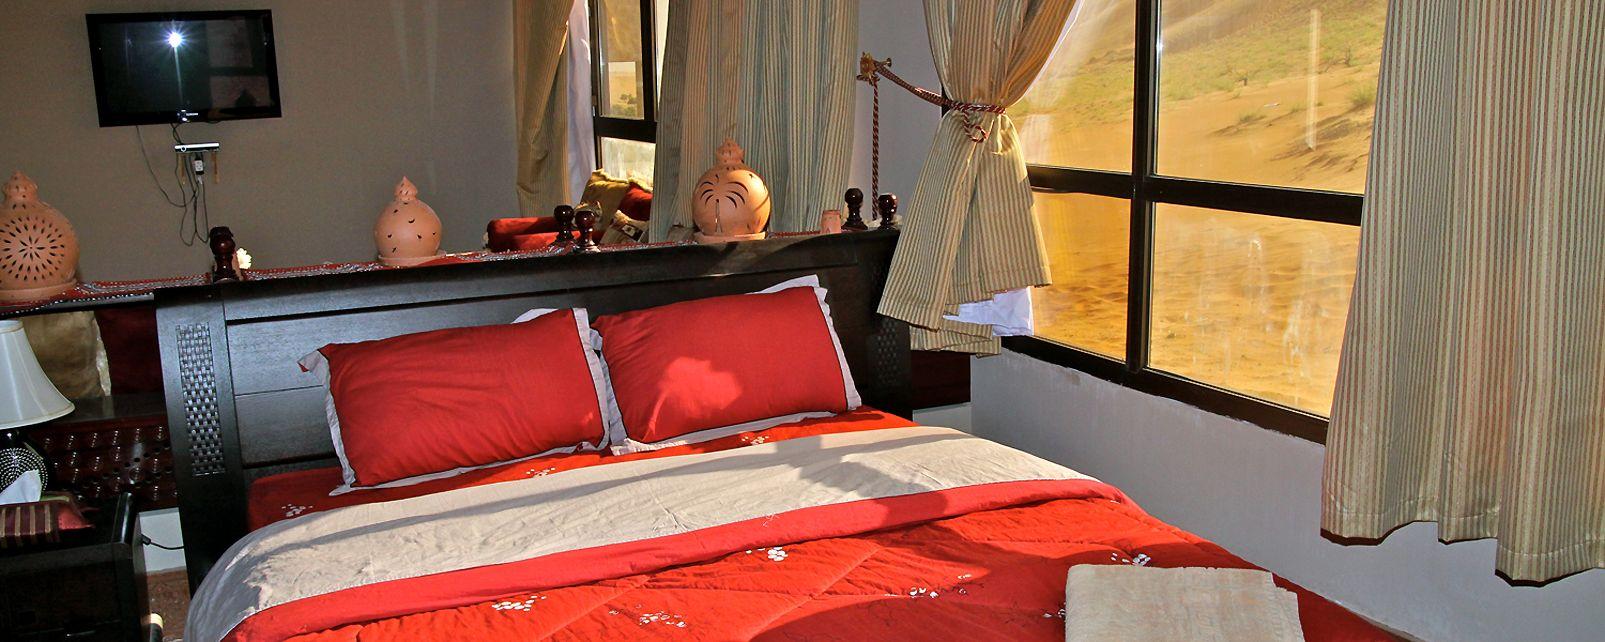 Hôtel Mille Nights Camp